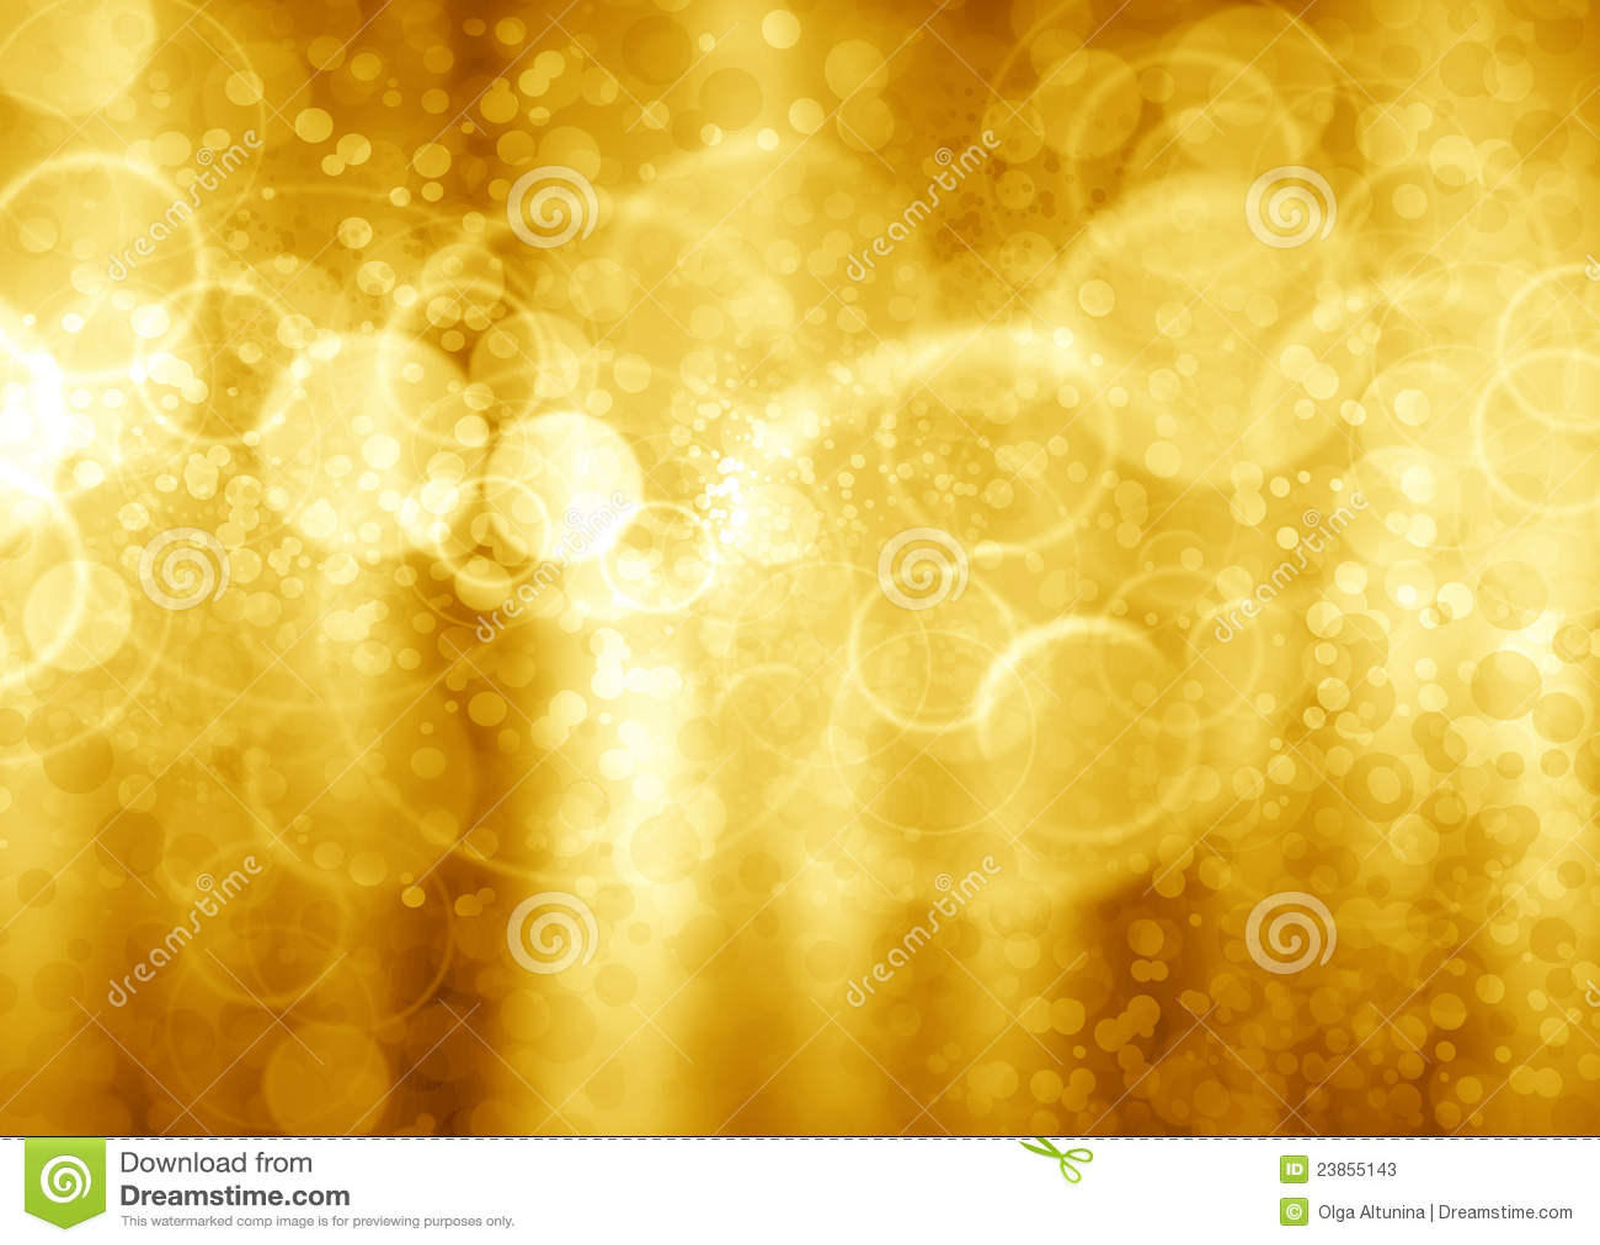 Holiday Magic Background Stock Photos - Image: 23855143